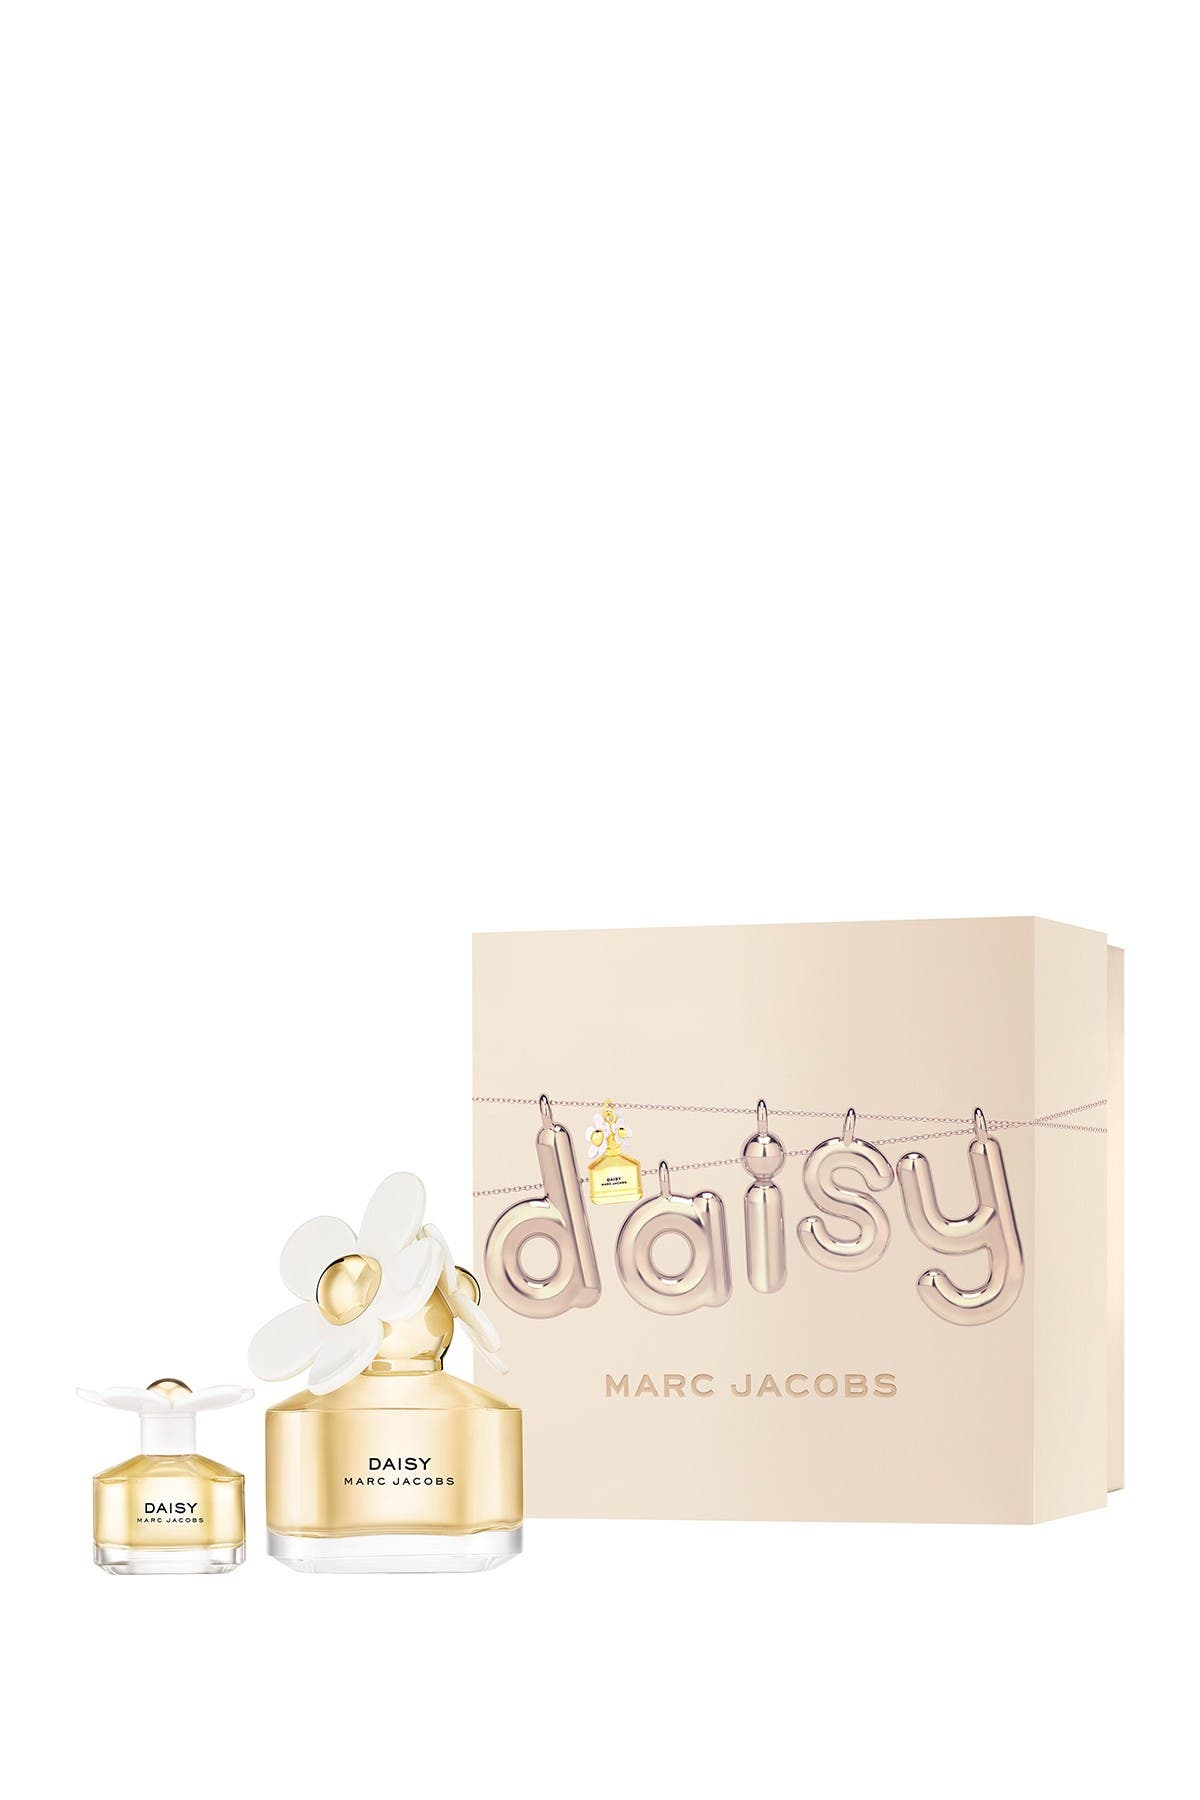 Image of Marc Jacobs Daisy Eau de Toilette Gift Set